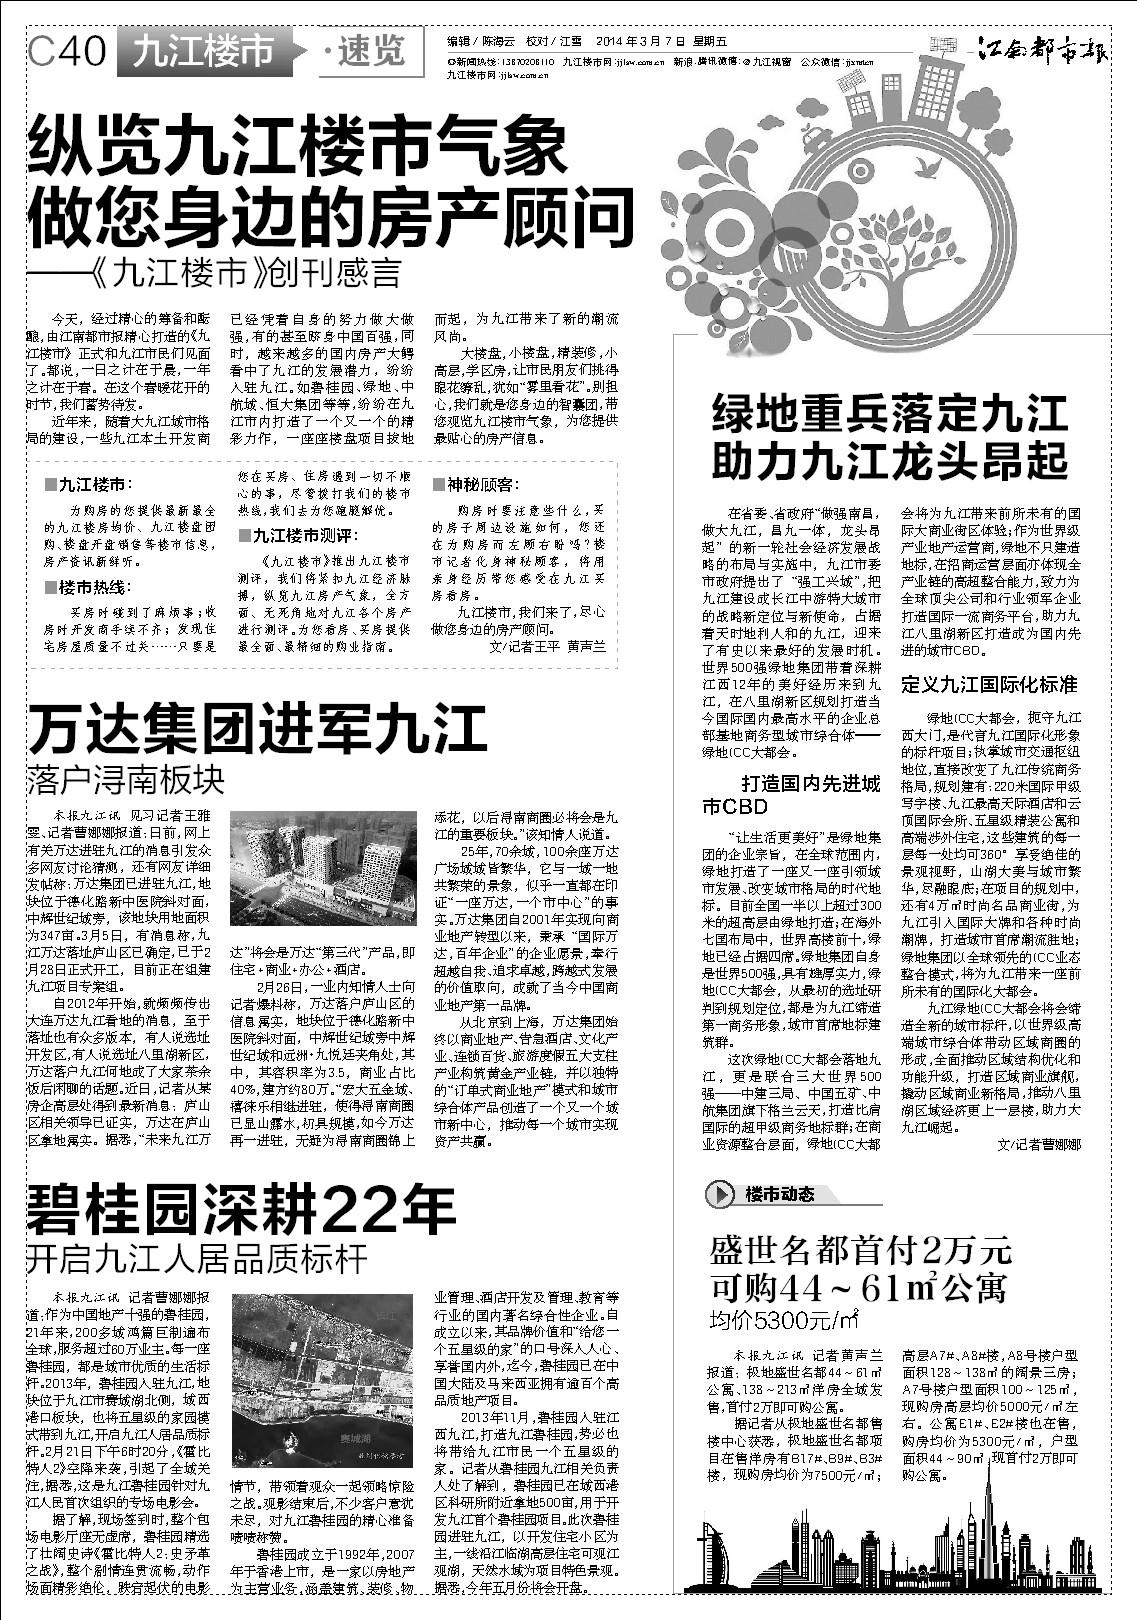 江南都市报3月7日《亚博体育app苹果楼市版》二版